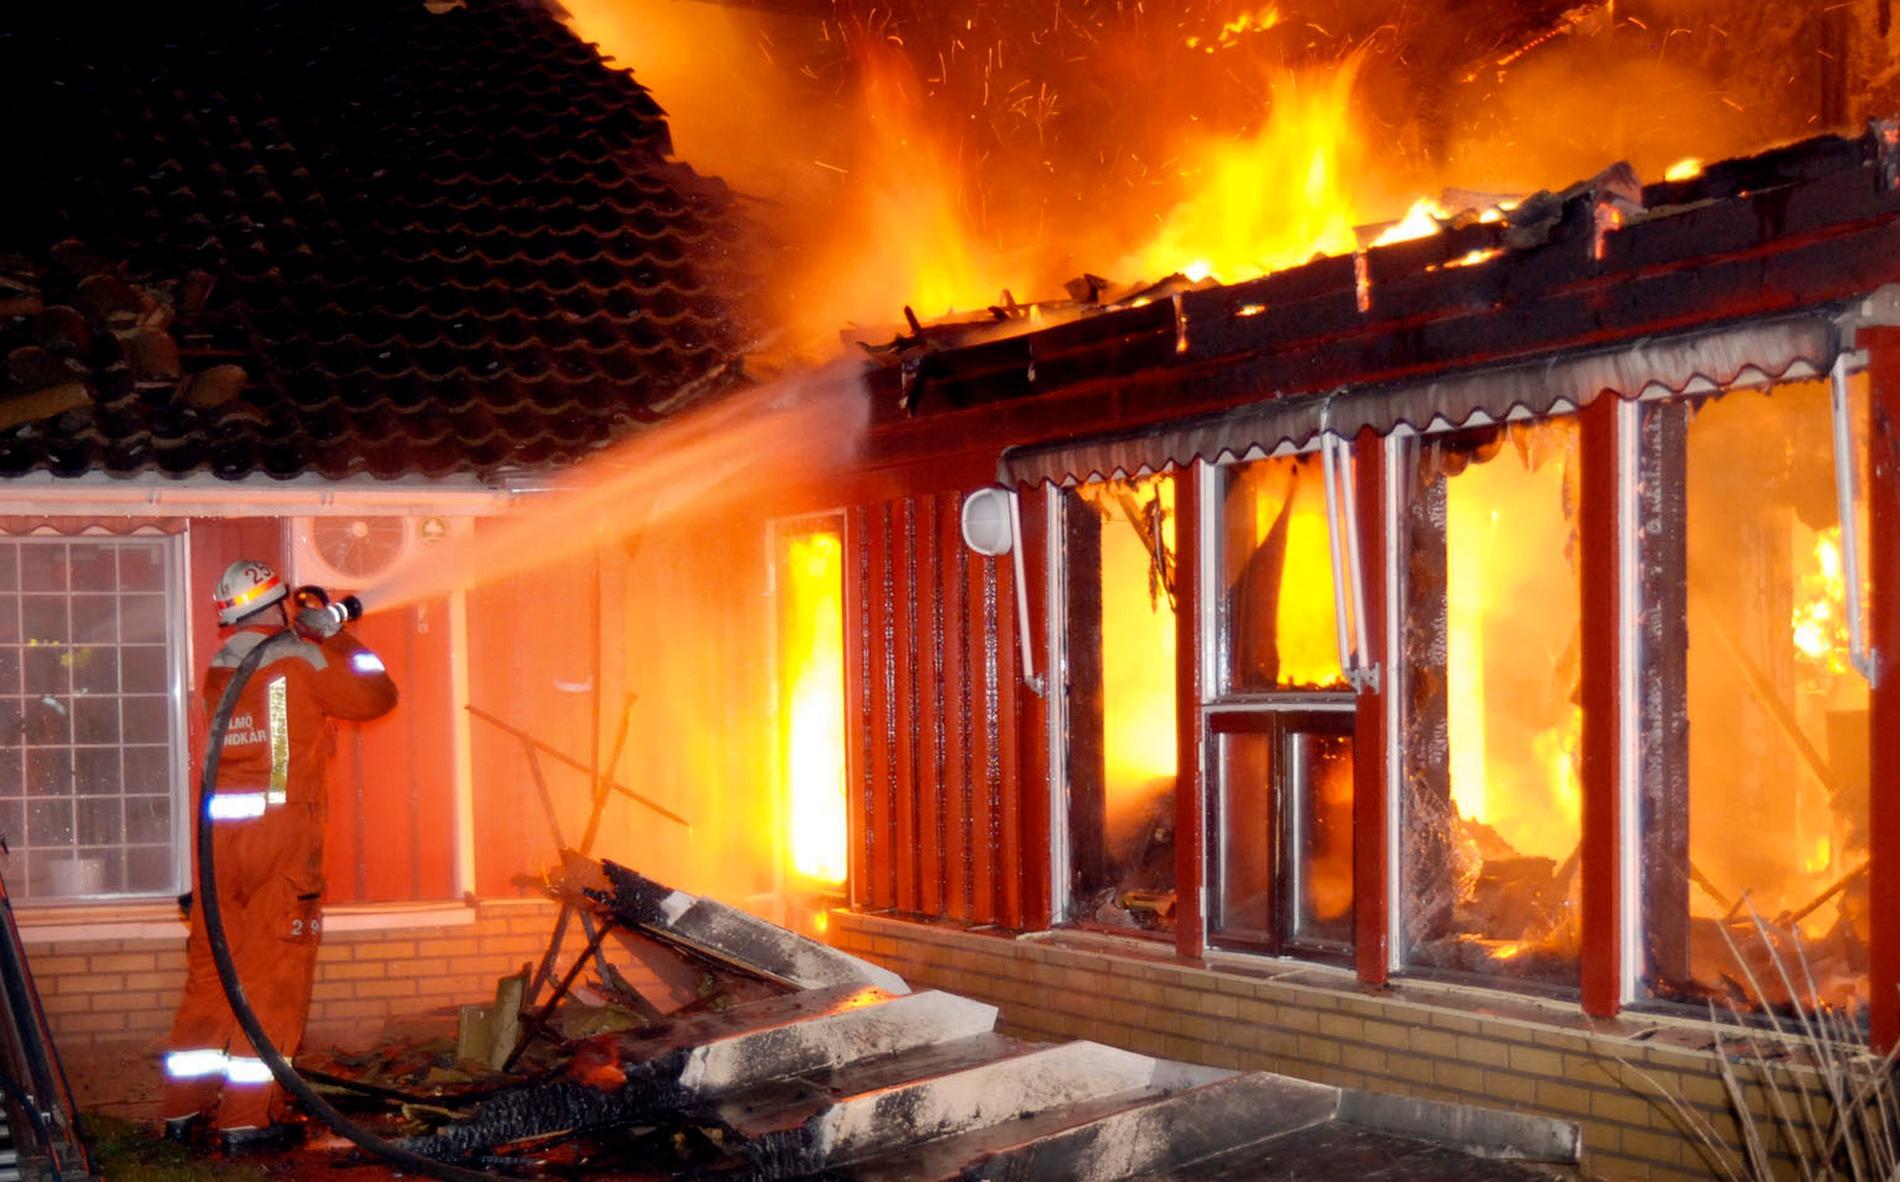 Räddningstjänsten kämpade för att släcka branden, men stora delar av förskolan är förstörd.